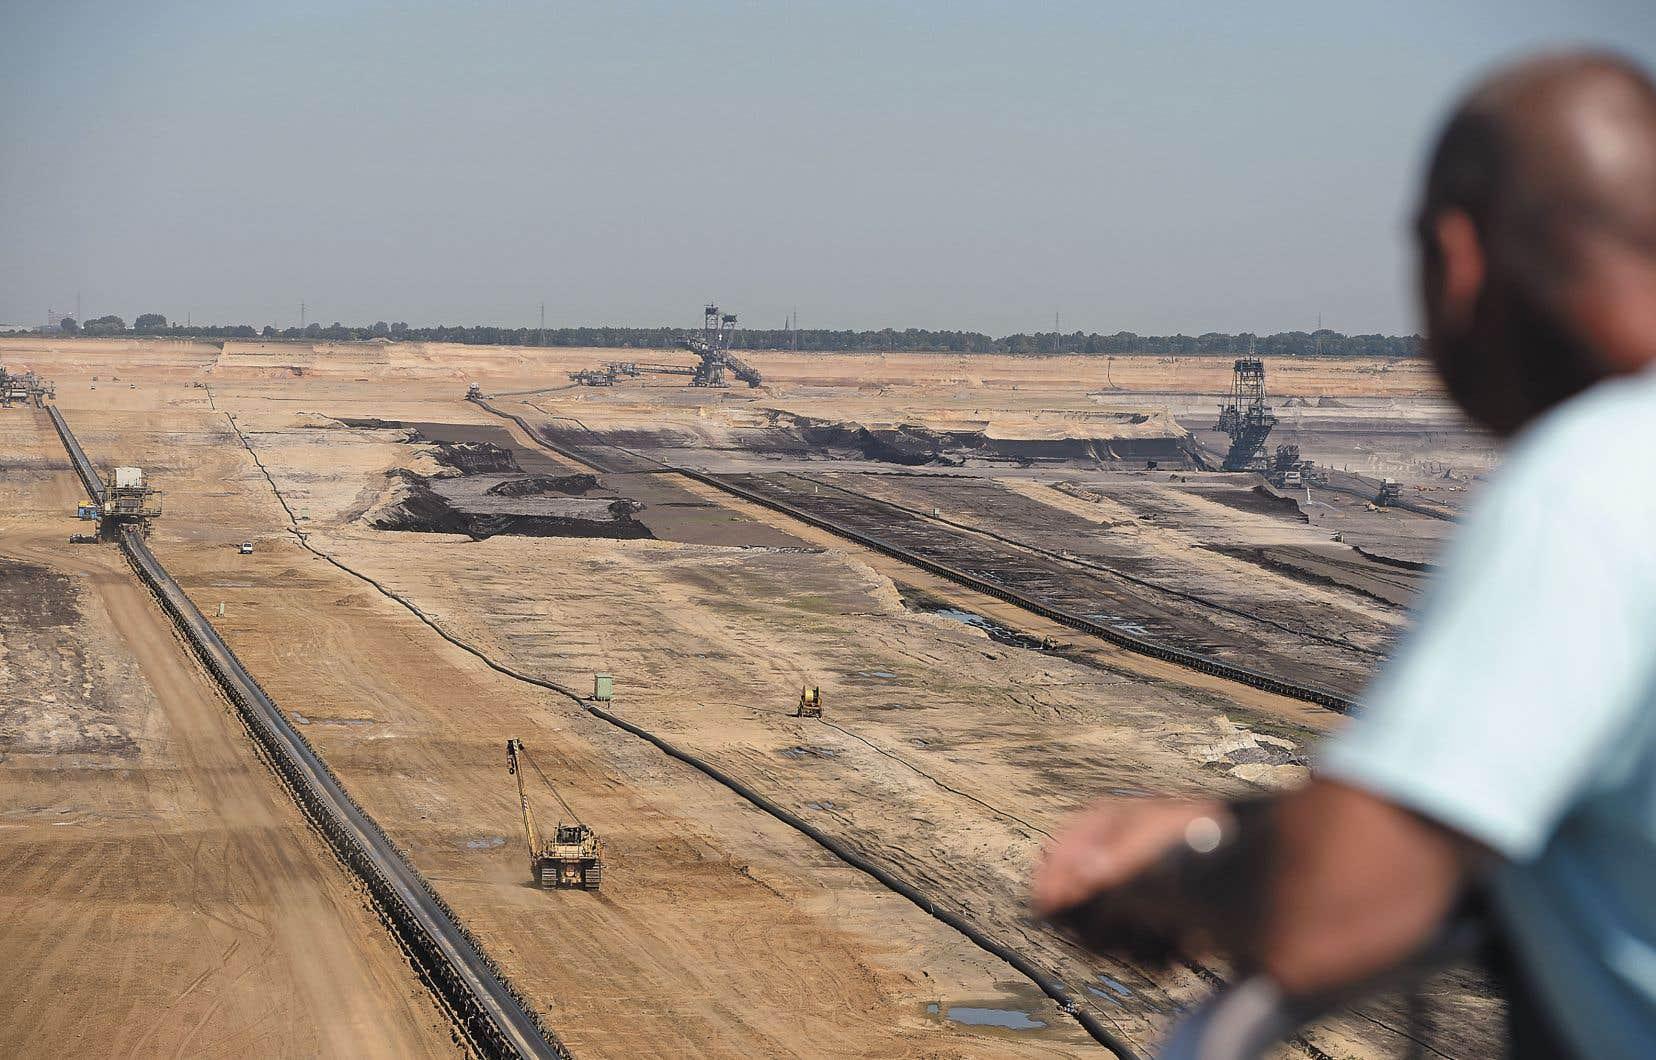 Représentant à lui seul près de la moitié de toutes les émissions dans les 42 pays étudiés, le charbon échappe pour sa part, par exemple, à toute forme de taxation sérieuse. Ci-dessus, la mine à ciel ouvert de charbon de Garzweiler, en Allemagne.